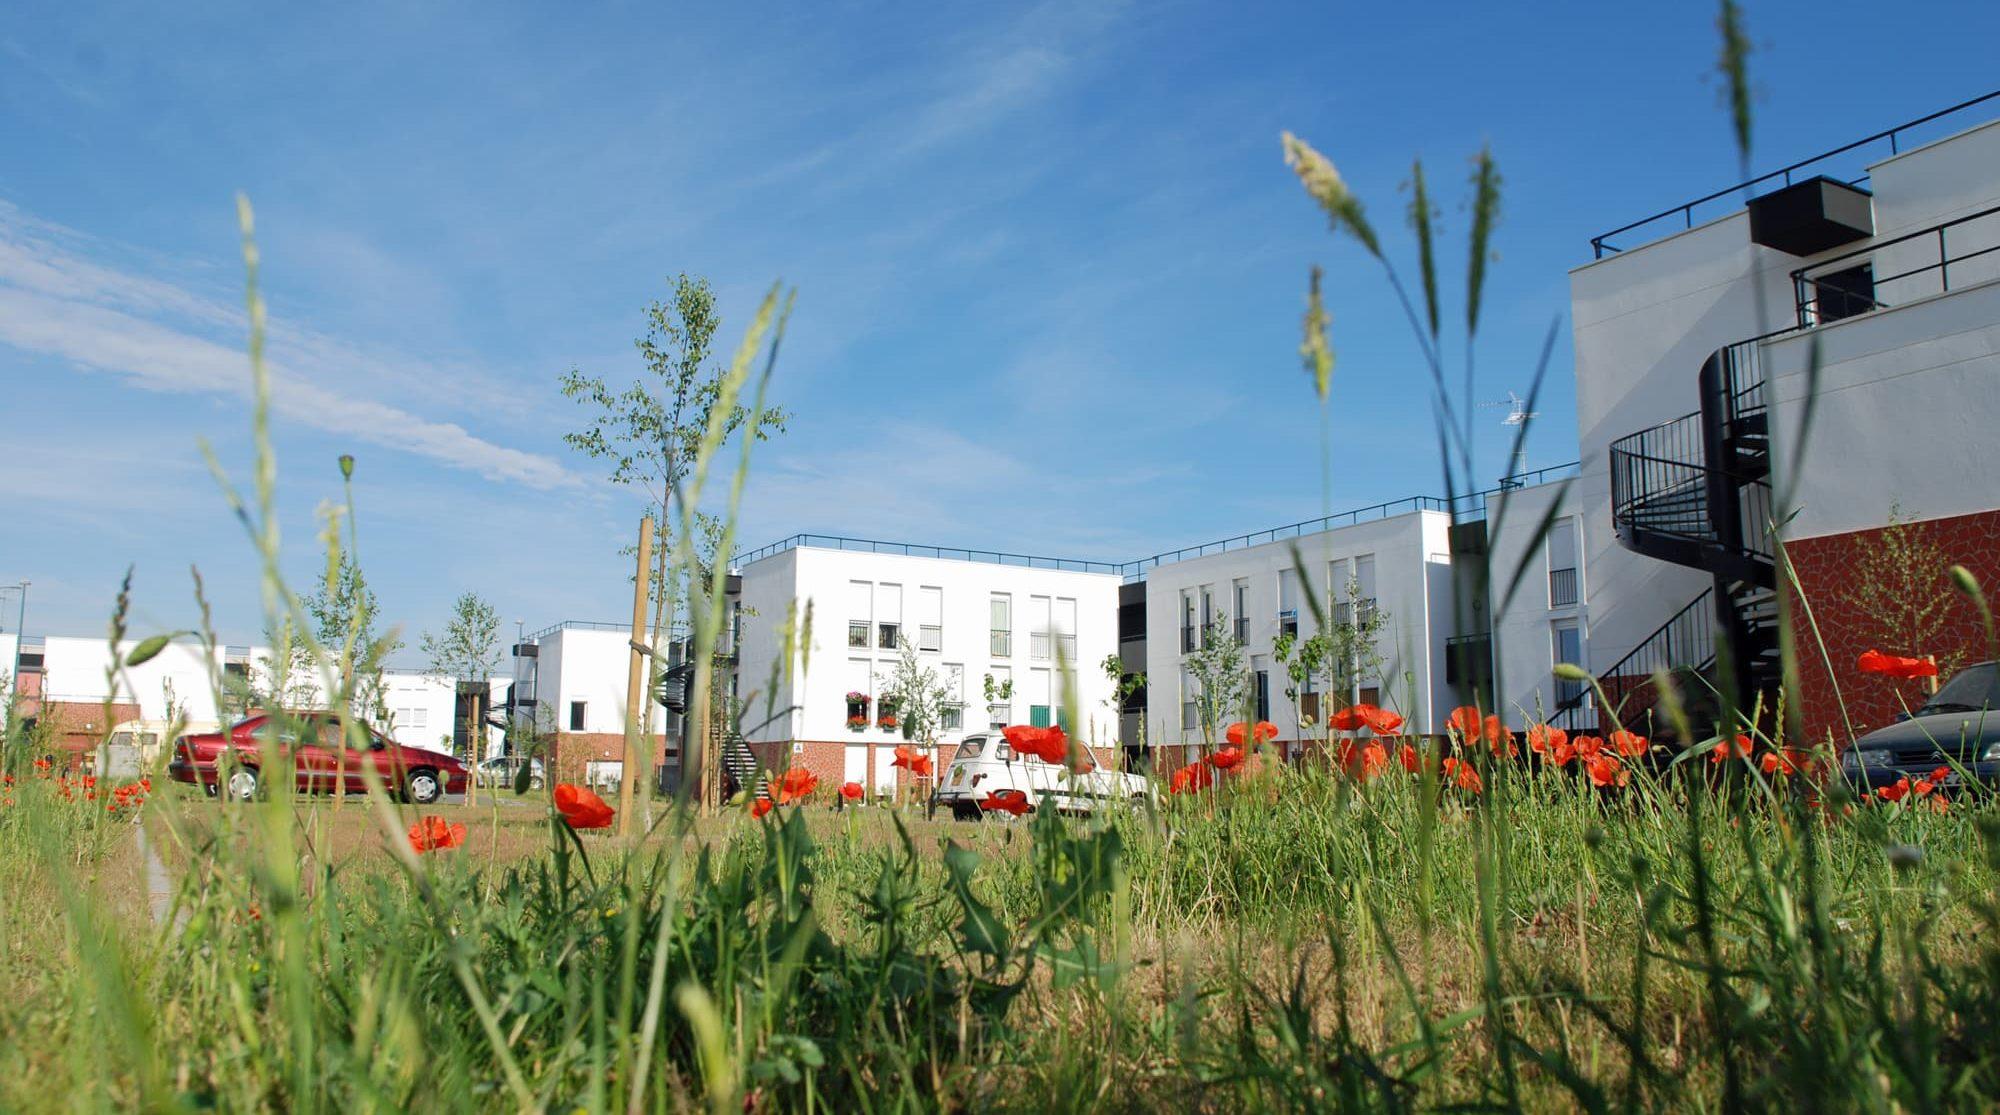 Reportage photos pour l'inauguration d'un quartier rénové à Dreux (28)